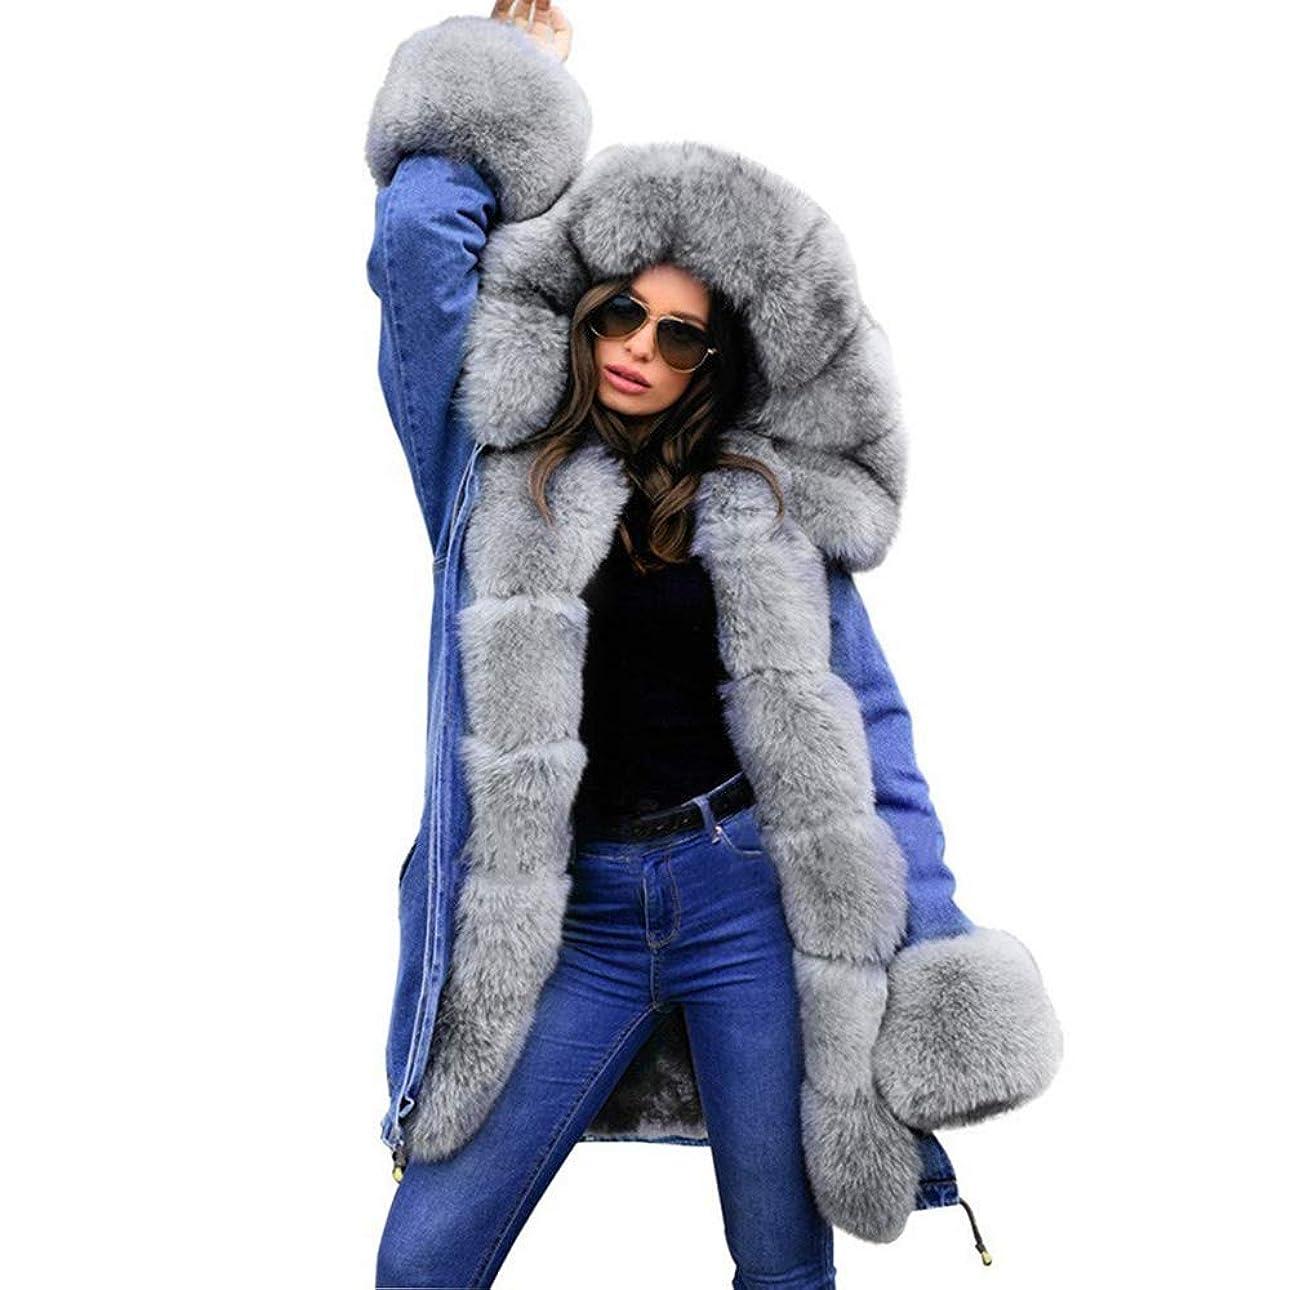 リルカート鉛筆冬の女性のフード付きコートの毛皮の襟暖かいロングコートの女性の冬のジャケット女性のアウター,S